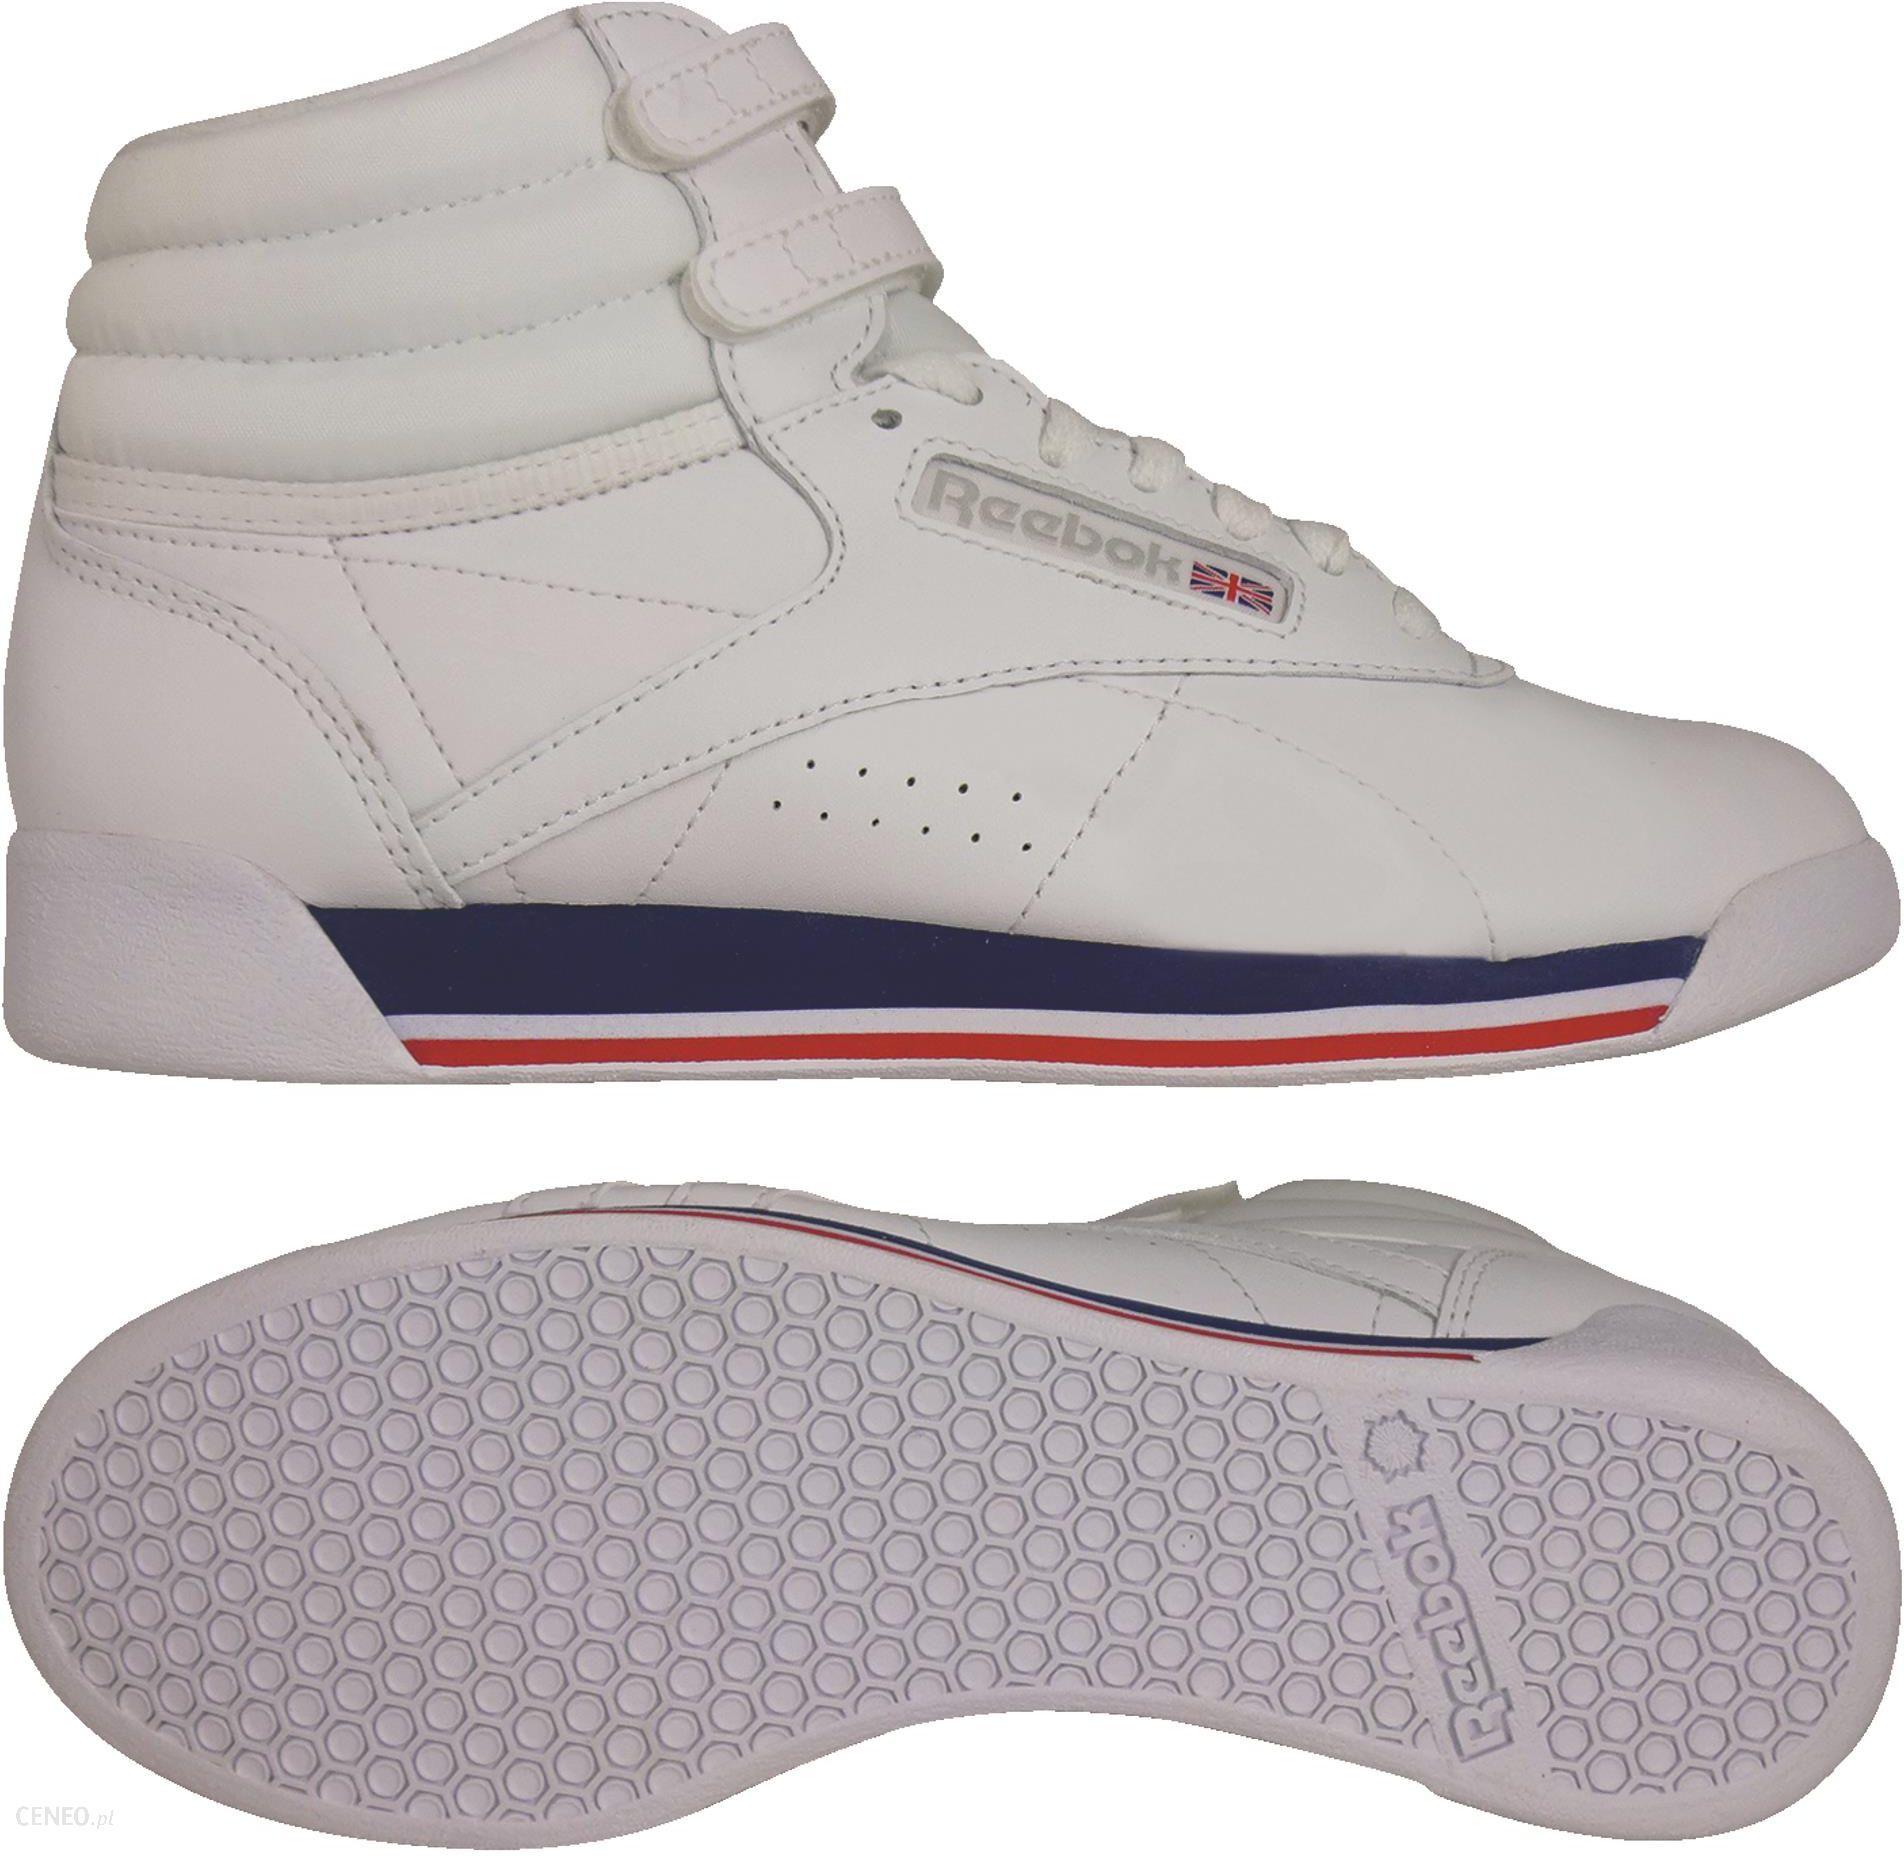 Buty damskie sneakersy Reebok Freestyle Hi CN2964 BIAŁY Ceny i opinie Ceneo.pl